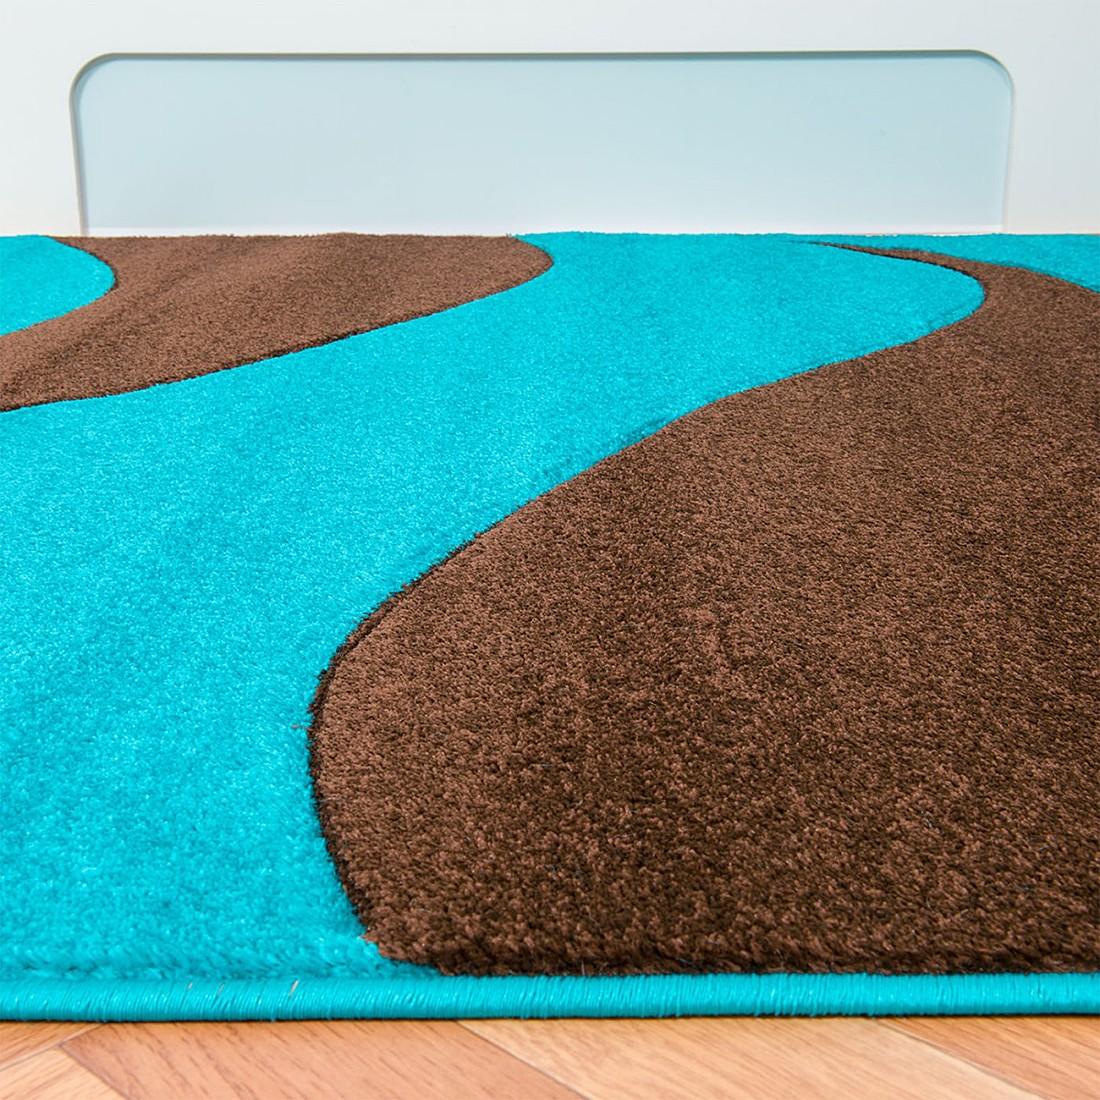 teppich nea wellen t rkis 133 x 190 cm home24deko teppiche bodenbel ge kurzflorteppiche. Black Bedroom Furniture Sets. Home Design Ideas